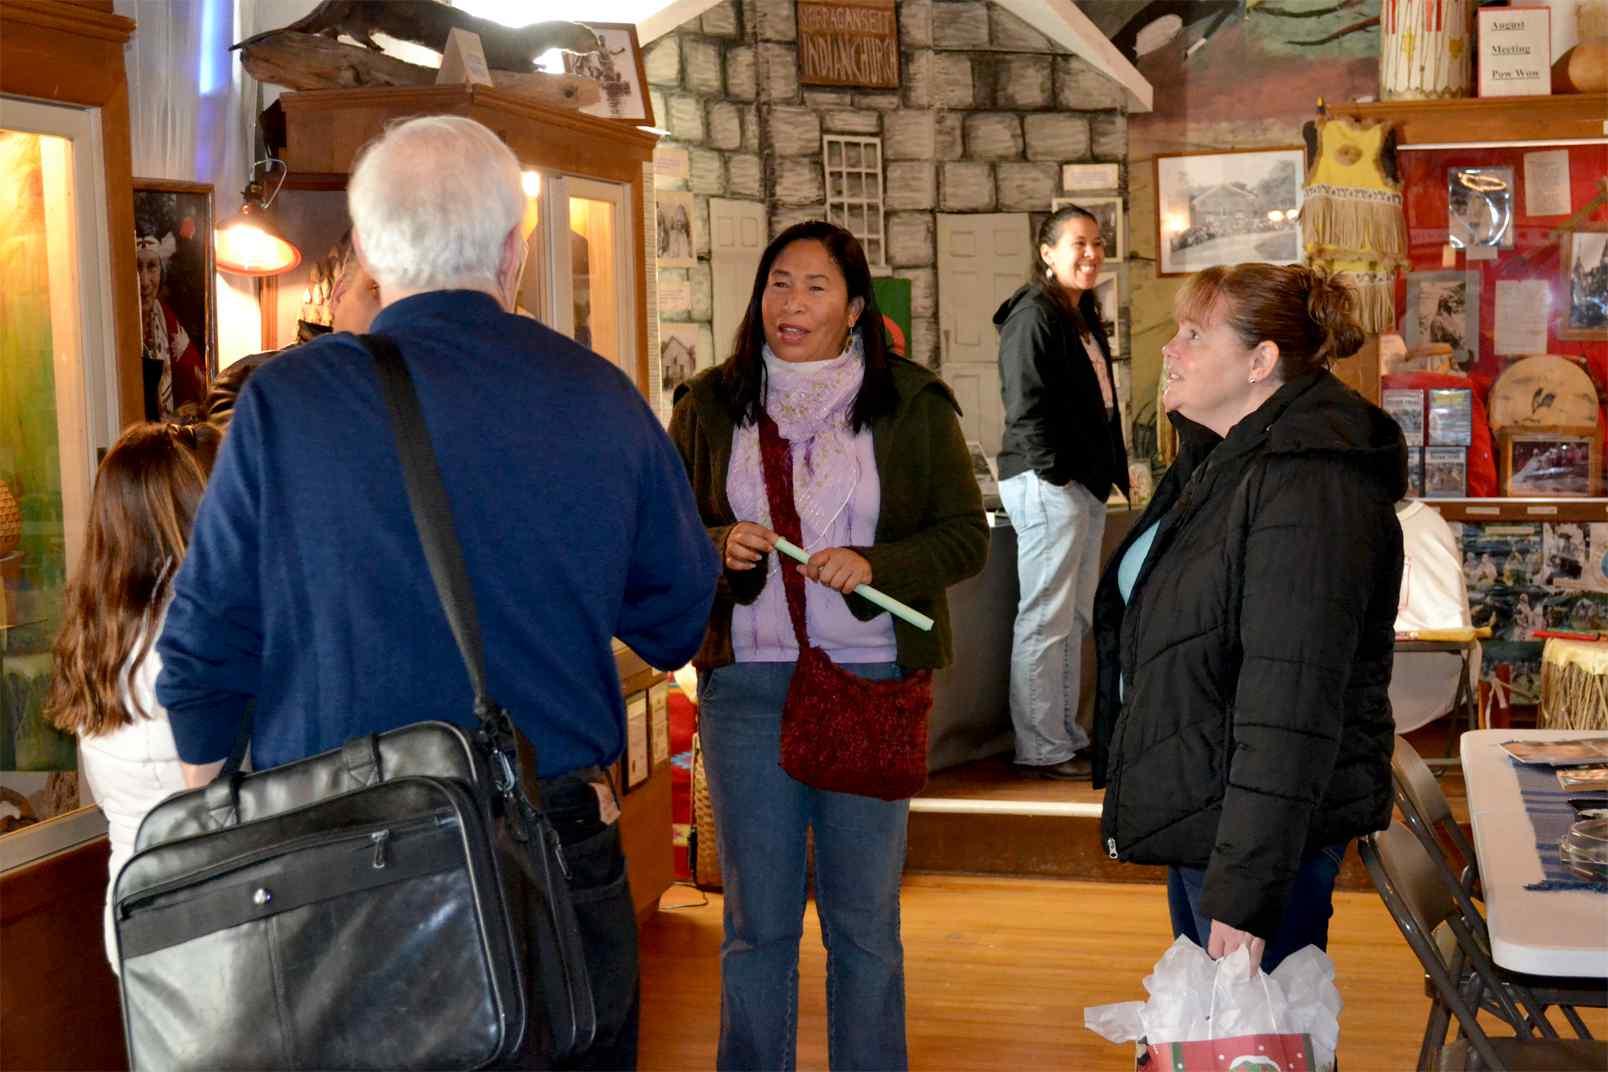 Museum_Visitors_2.jpg